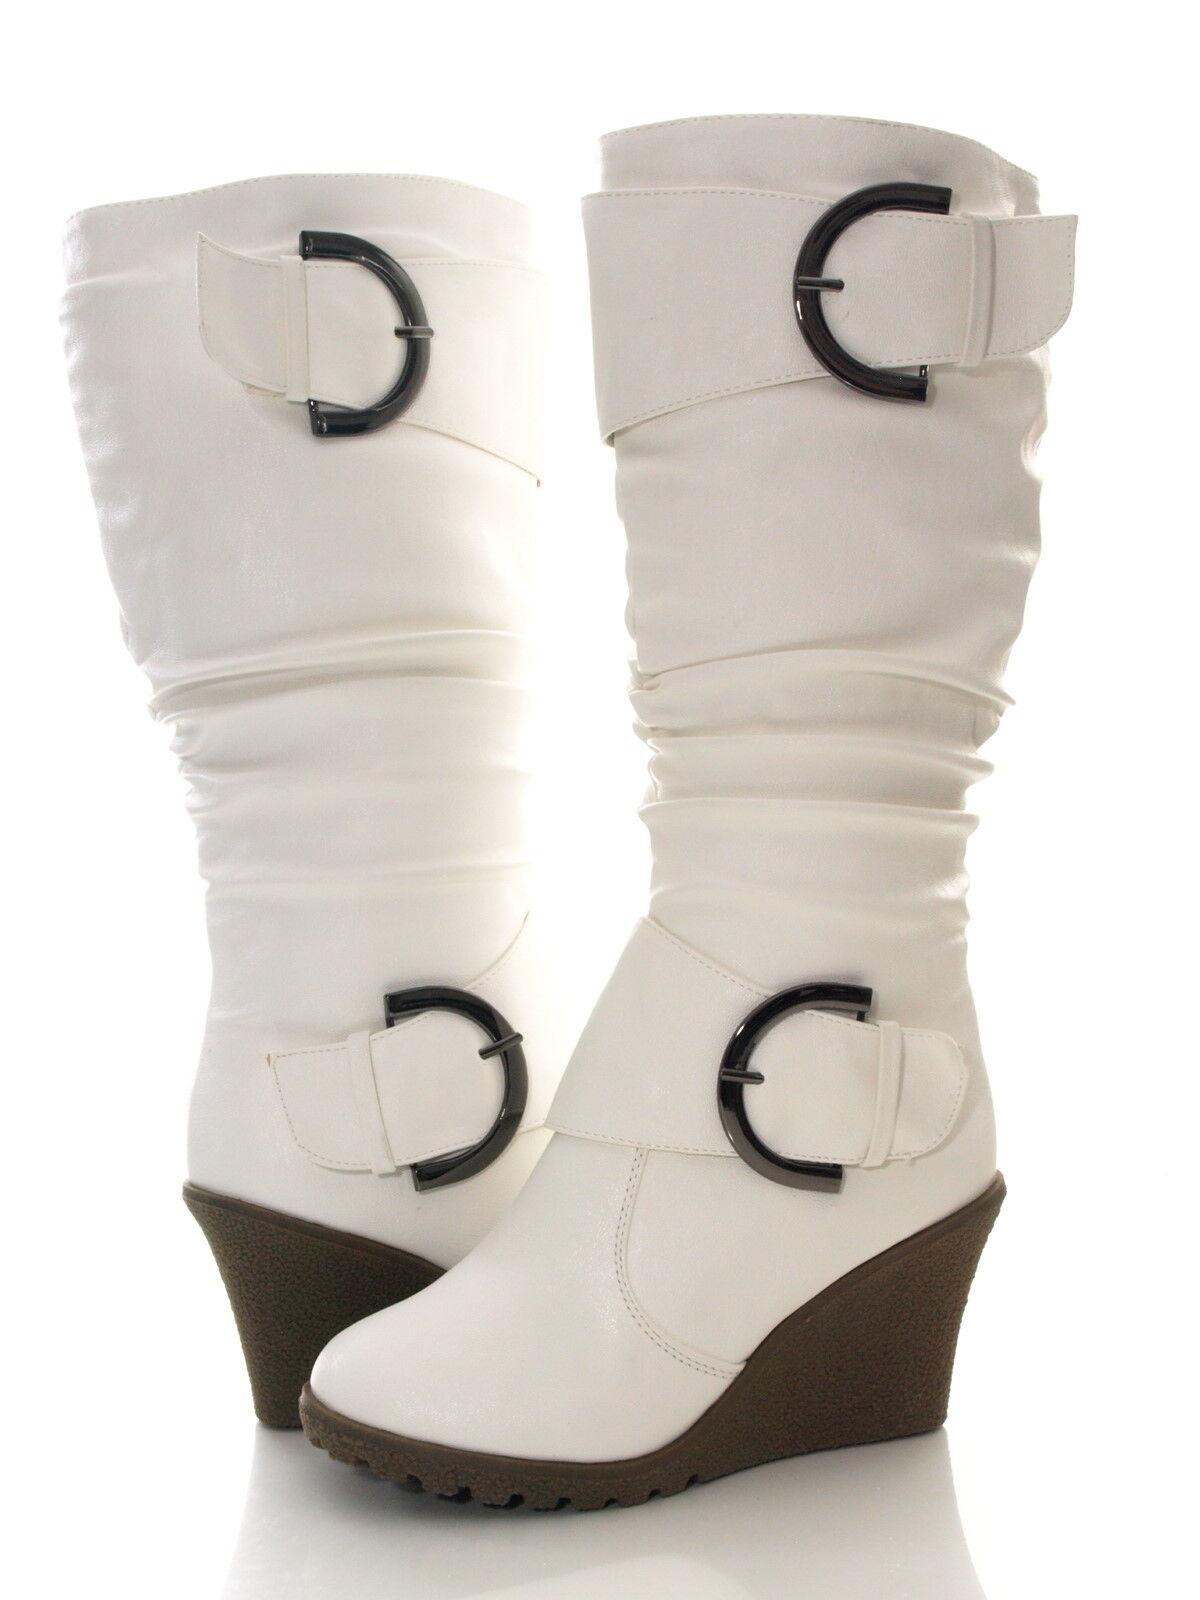 Damen Keilabsatz Winter Stiefel warm gefüttert Weiß # 2013